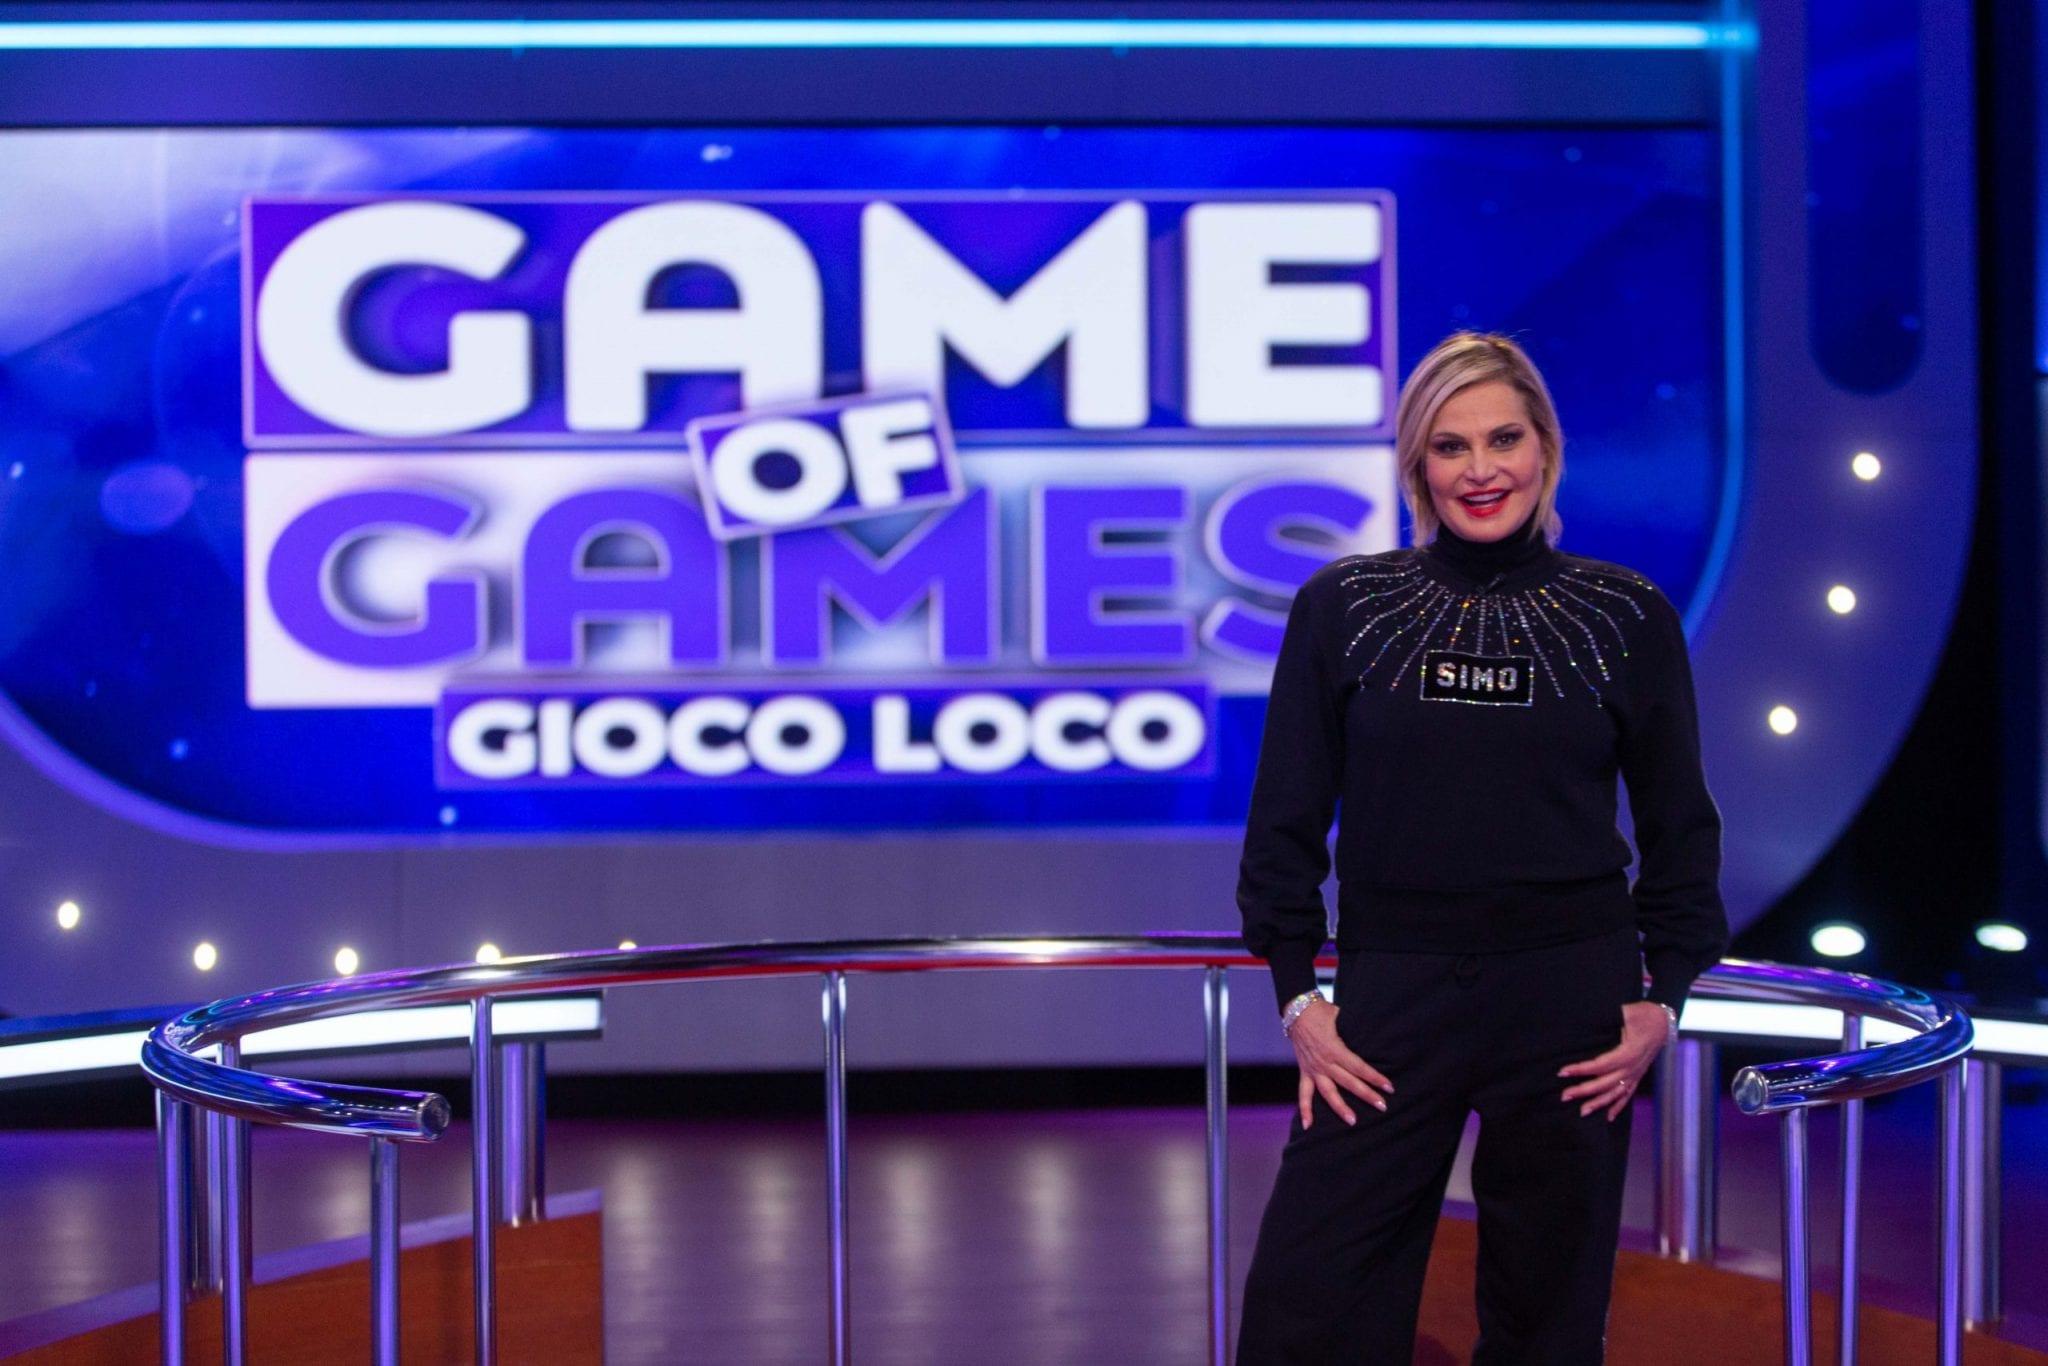 Live mercoledì 14 aprile 2021 · Game of Games terzo appuntamento. Condotto da Simona Ventura, in onda in prima serata su RaiDue